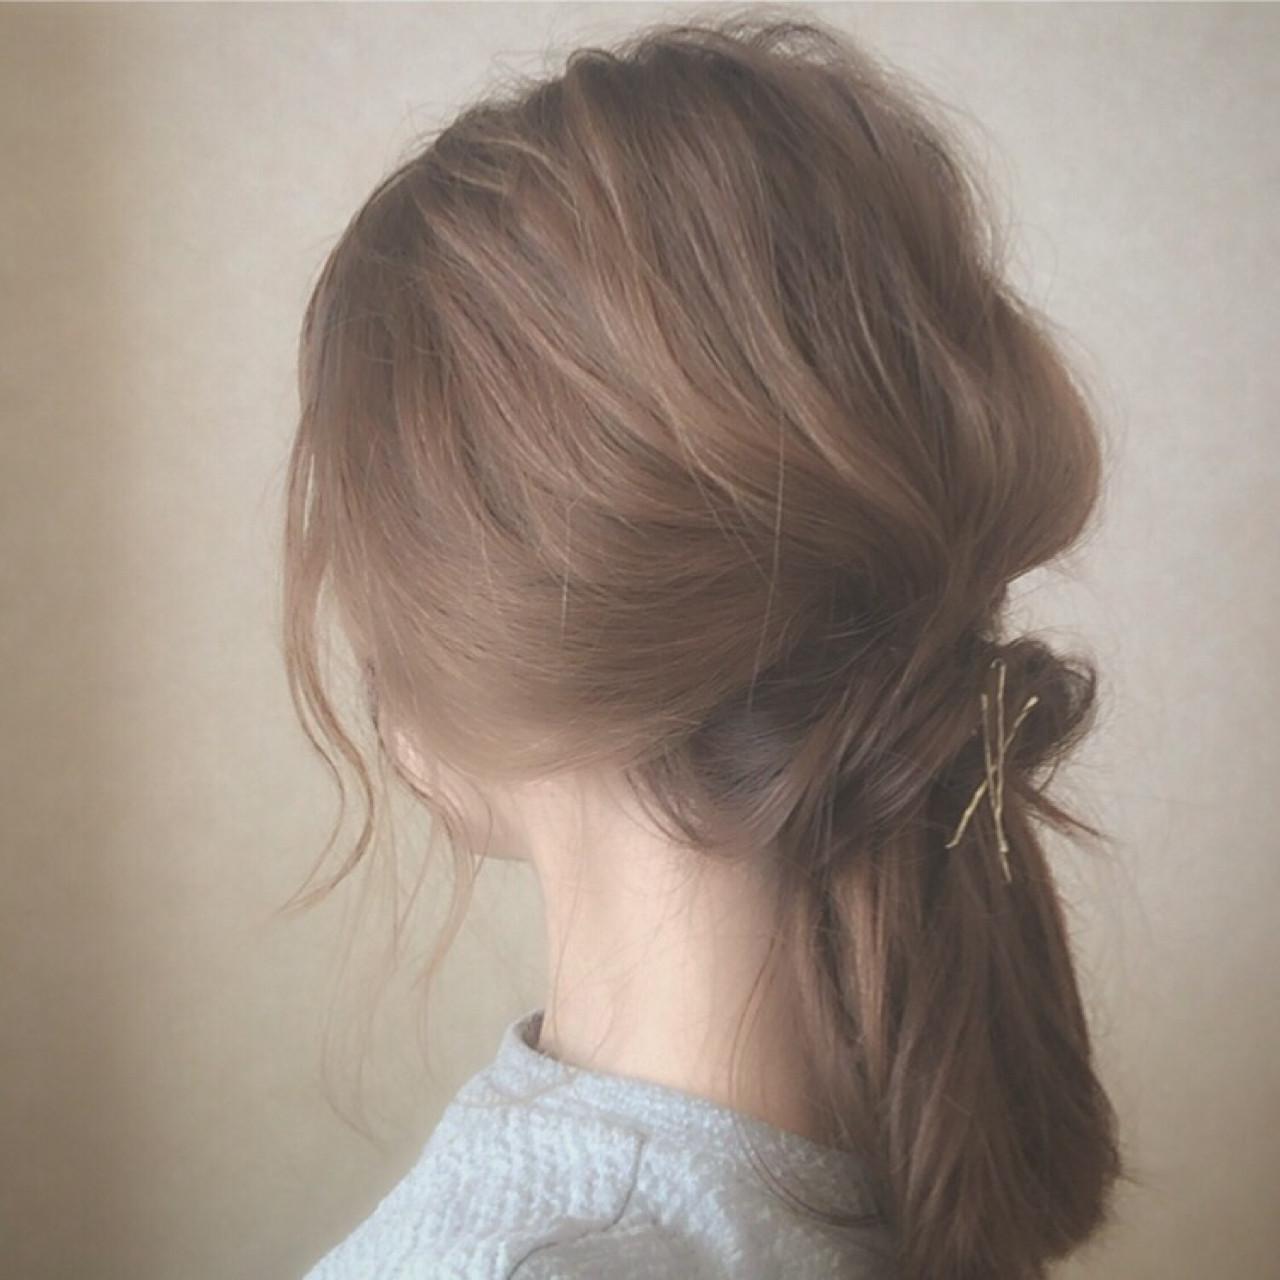 セミロングは、まとめ髪でバージョンアップ!マンネリにならないまとめ髪特集 大西未紗